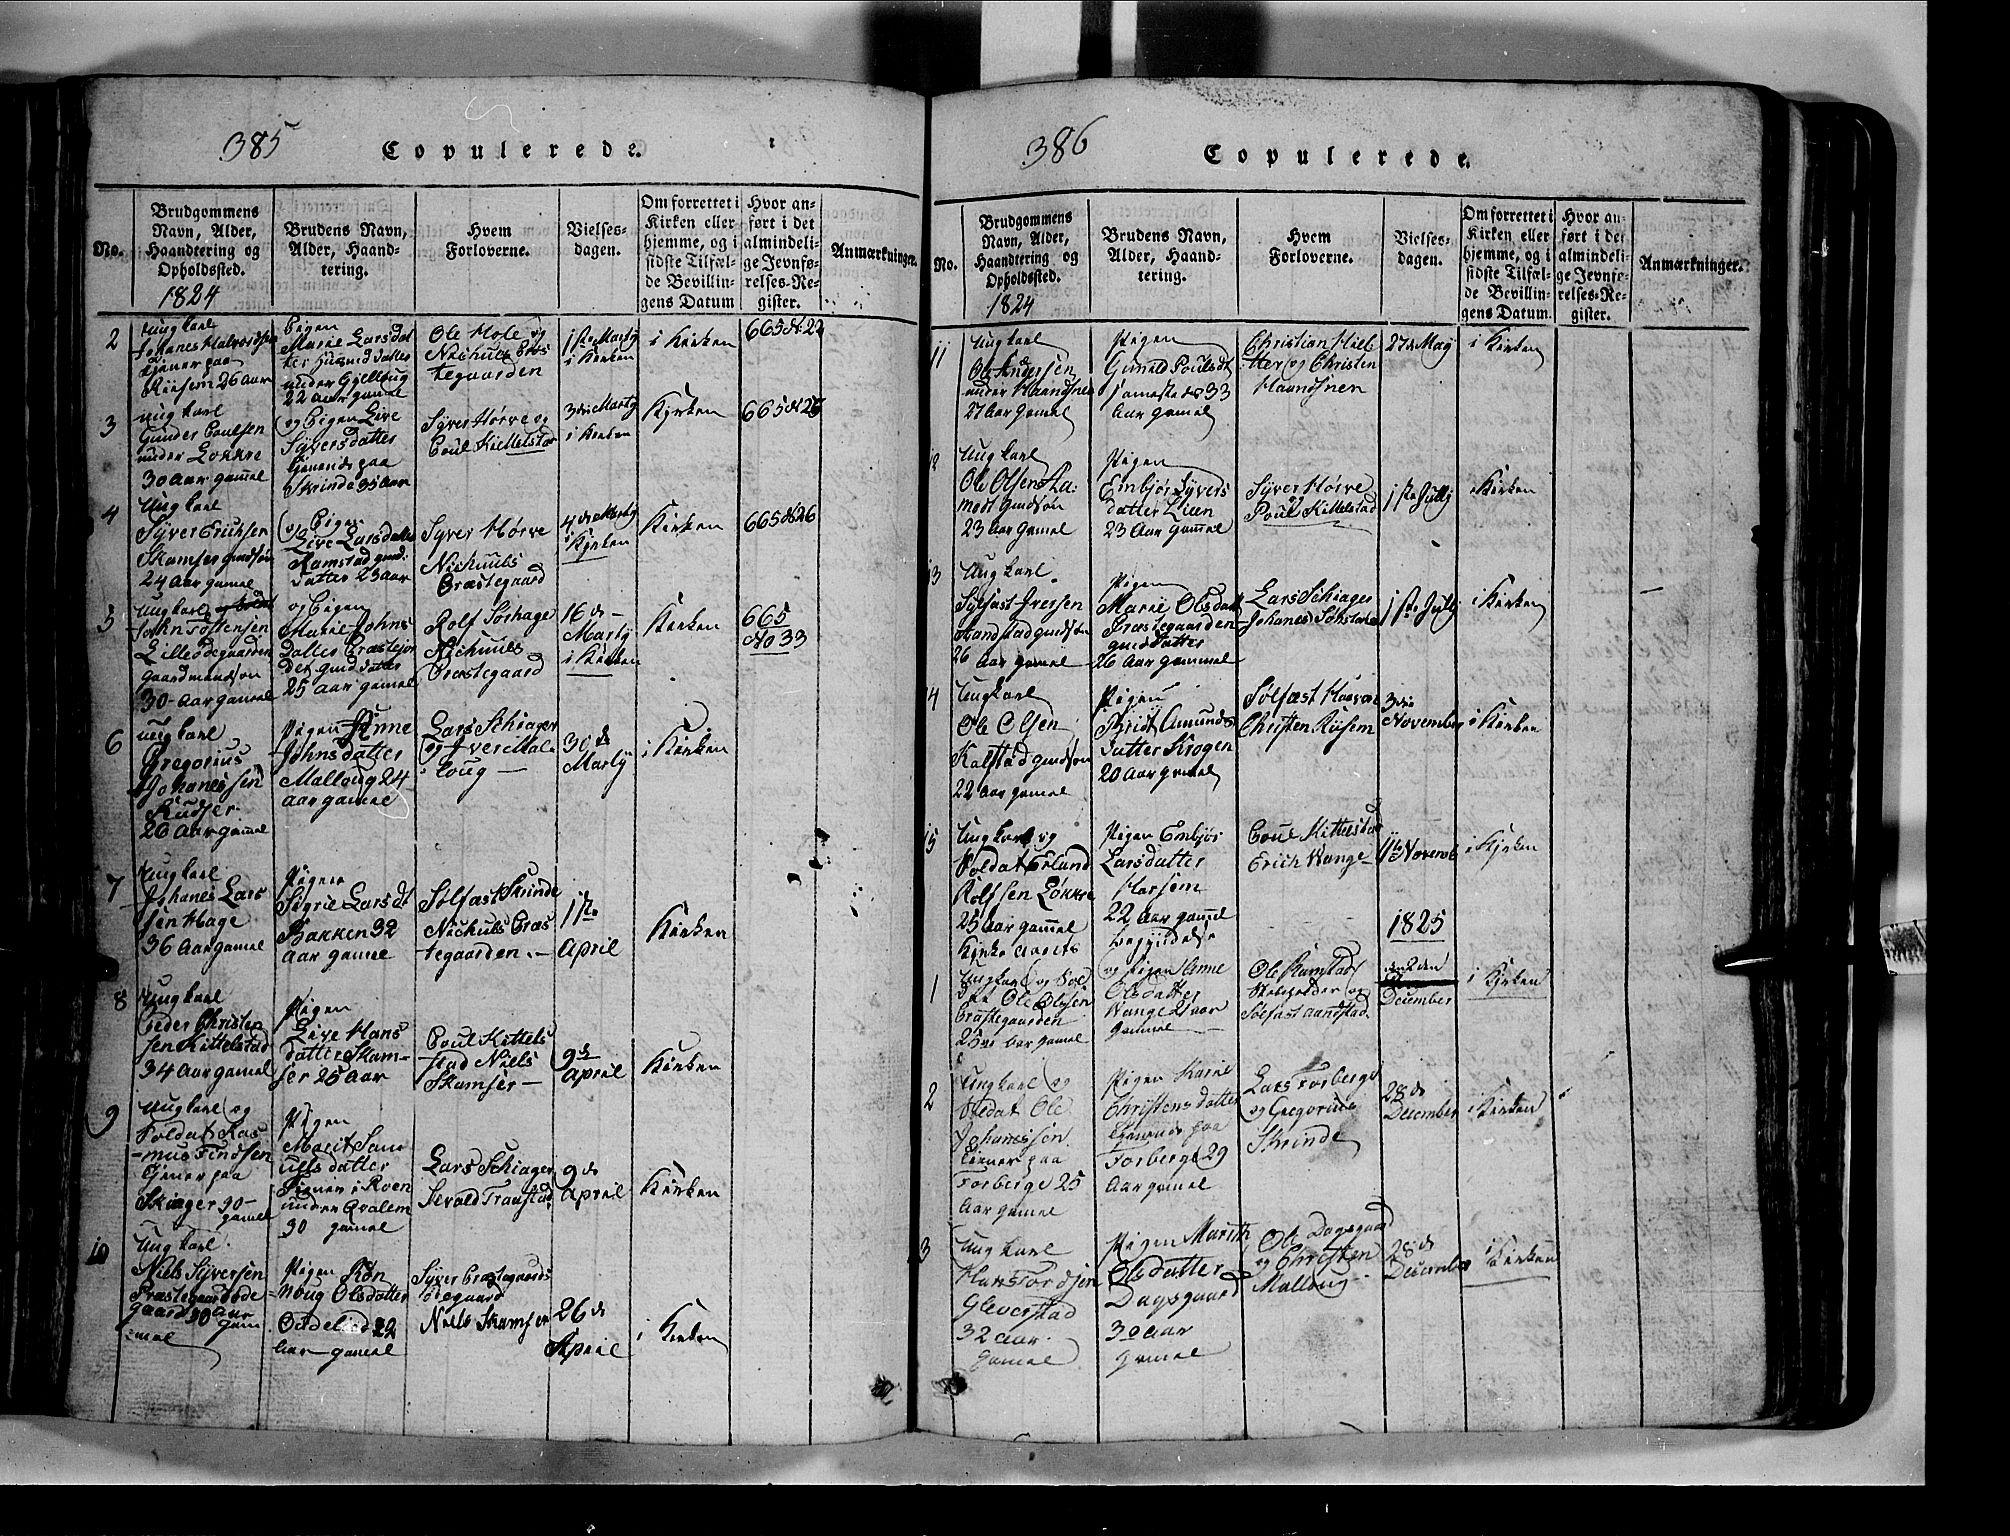 SAH, Lom prestekontor, L/L0003: Klokkerbok nr. 3, 1815-1844, s. 385-386